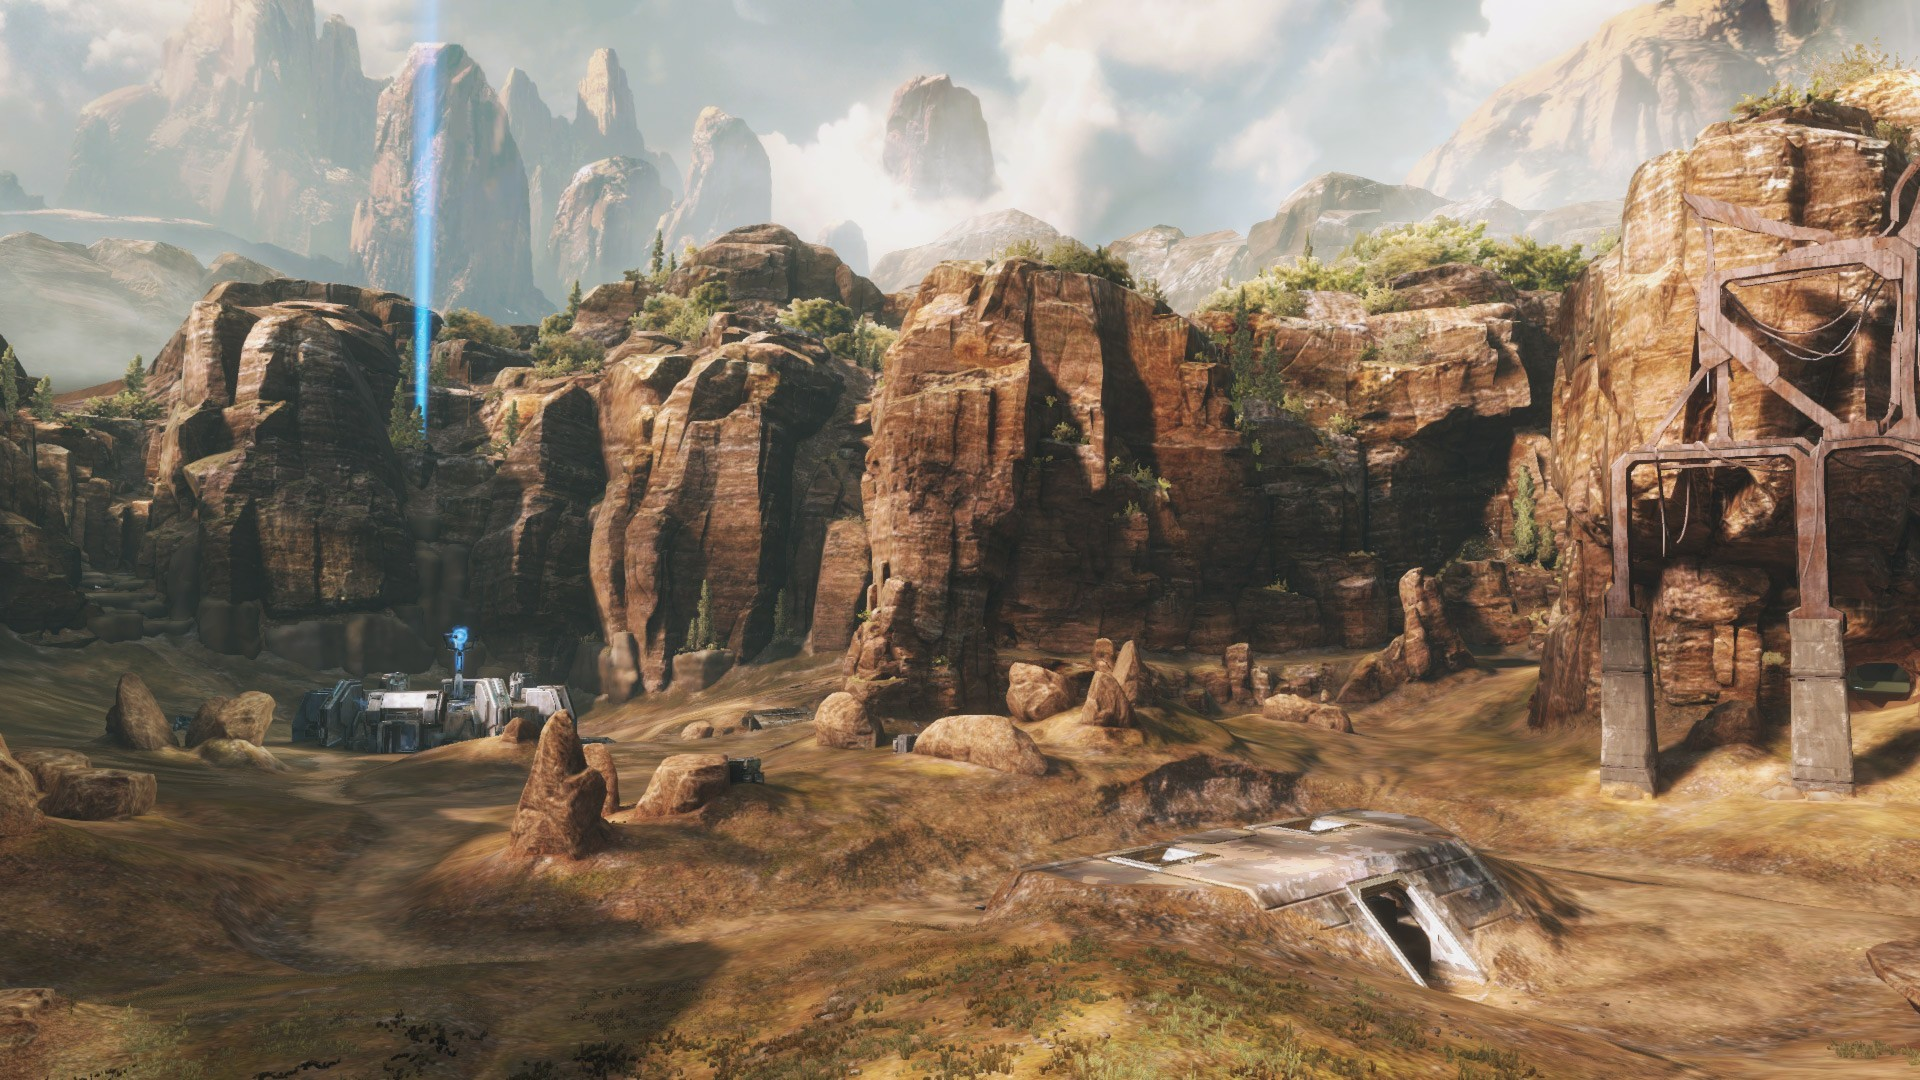 Halo 2 Anniversary Bloodline Halo 2 Anniversary Bloodline …